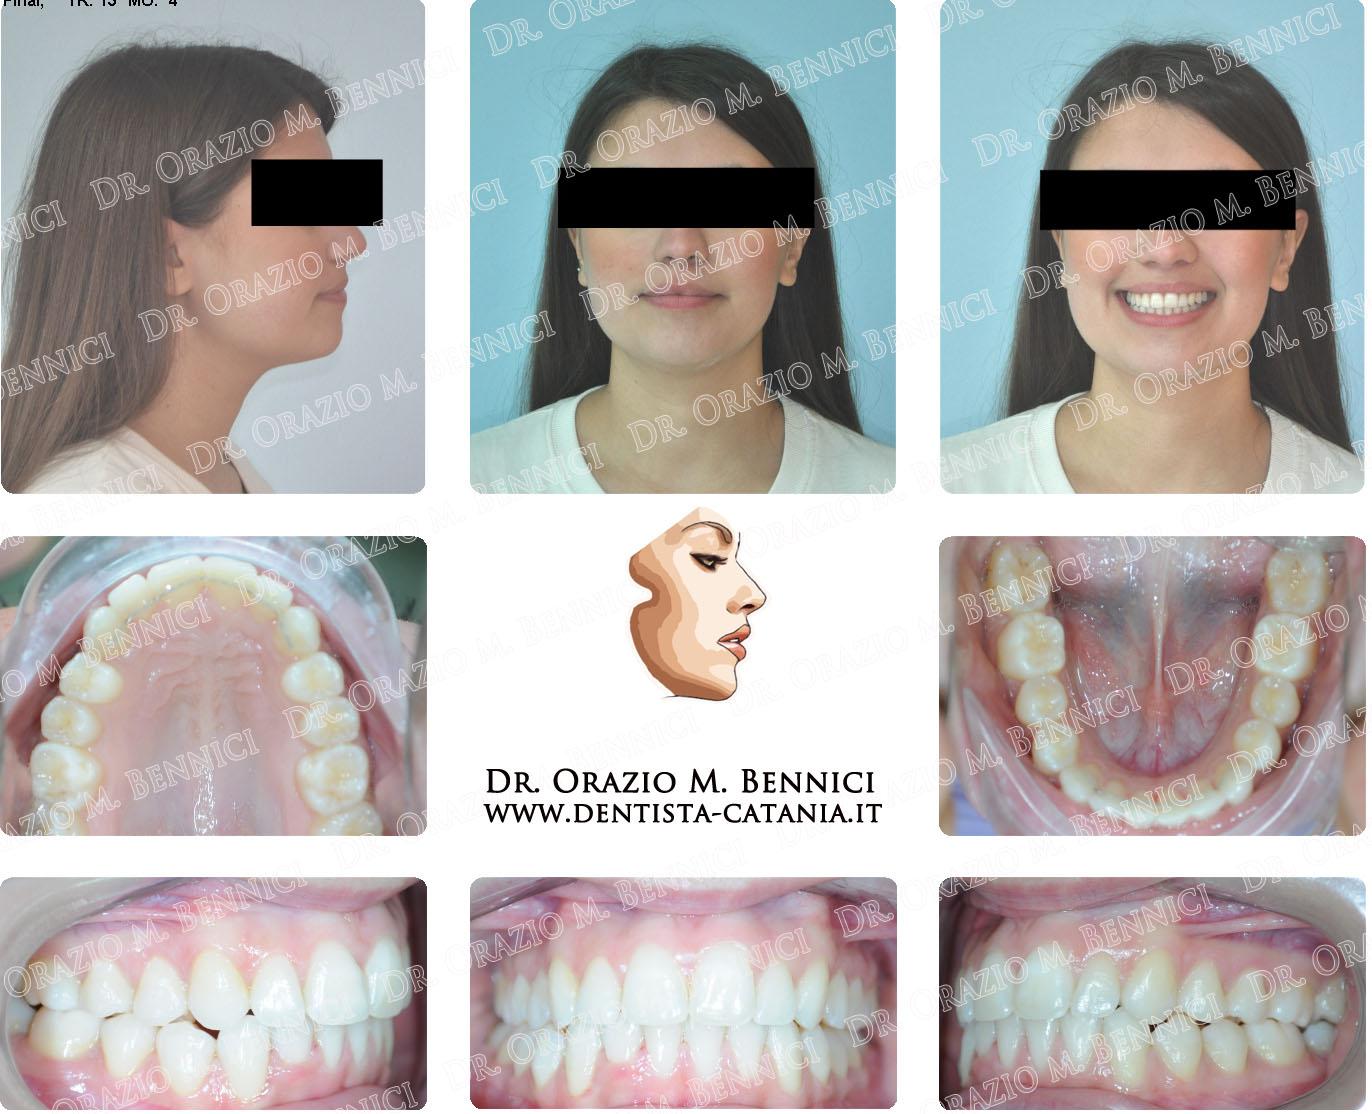 Caso clinico Ortodonzia 6a